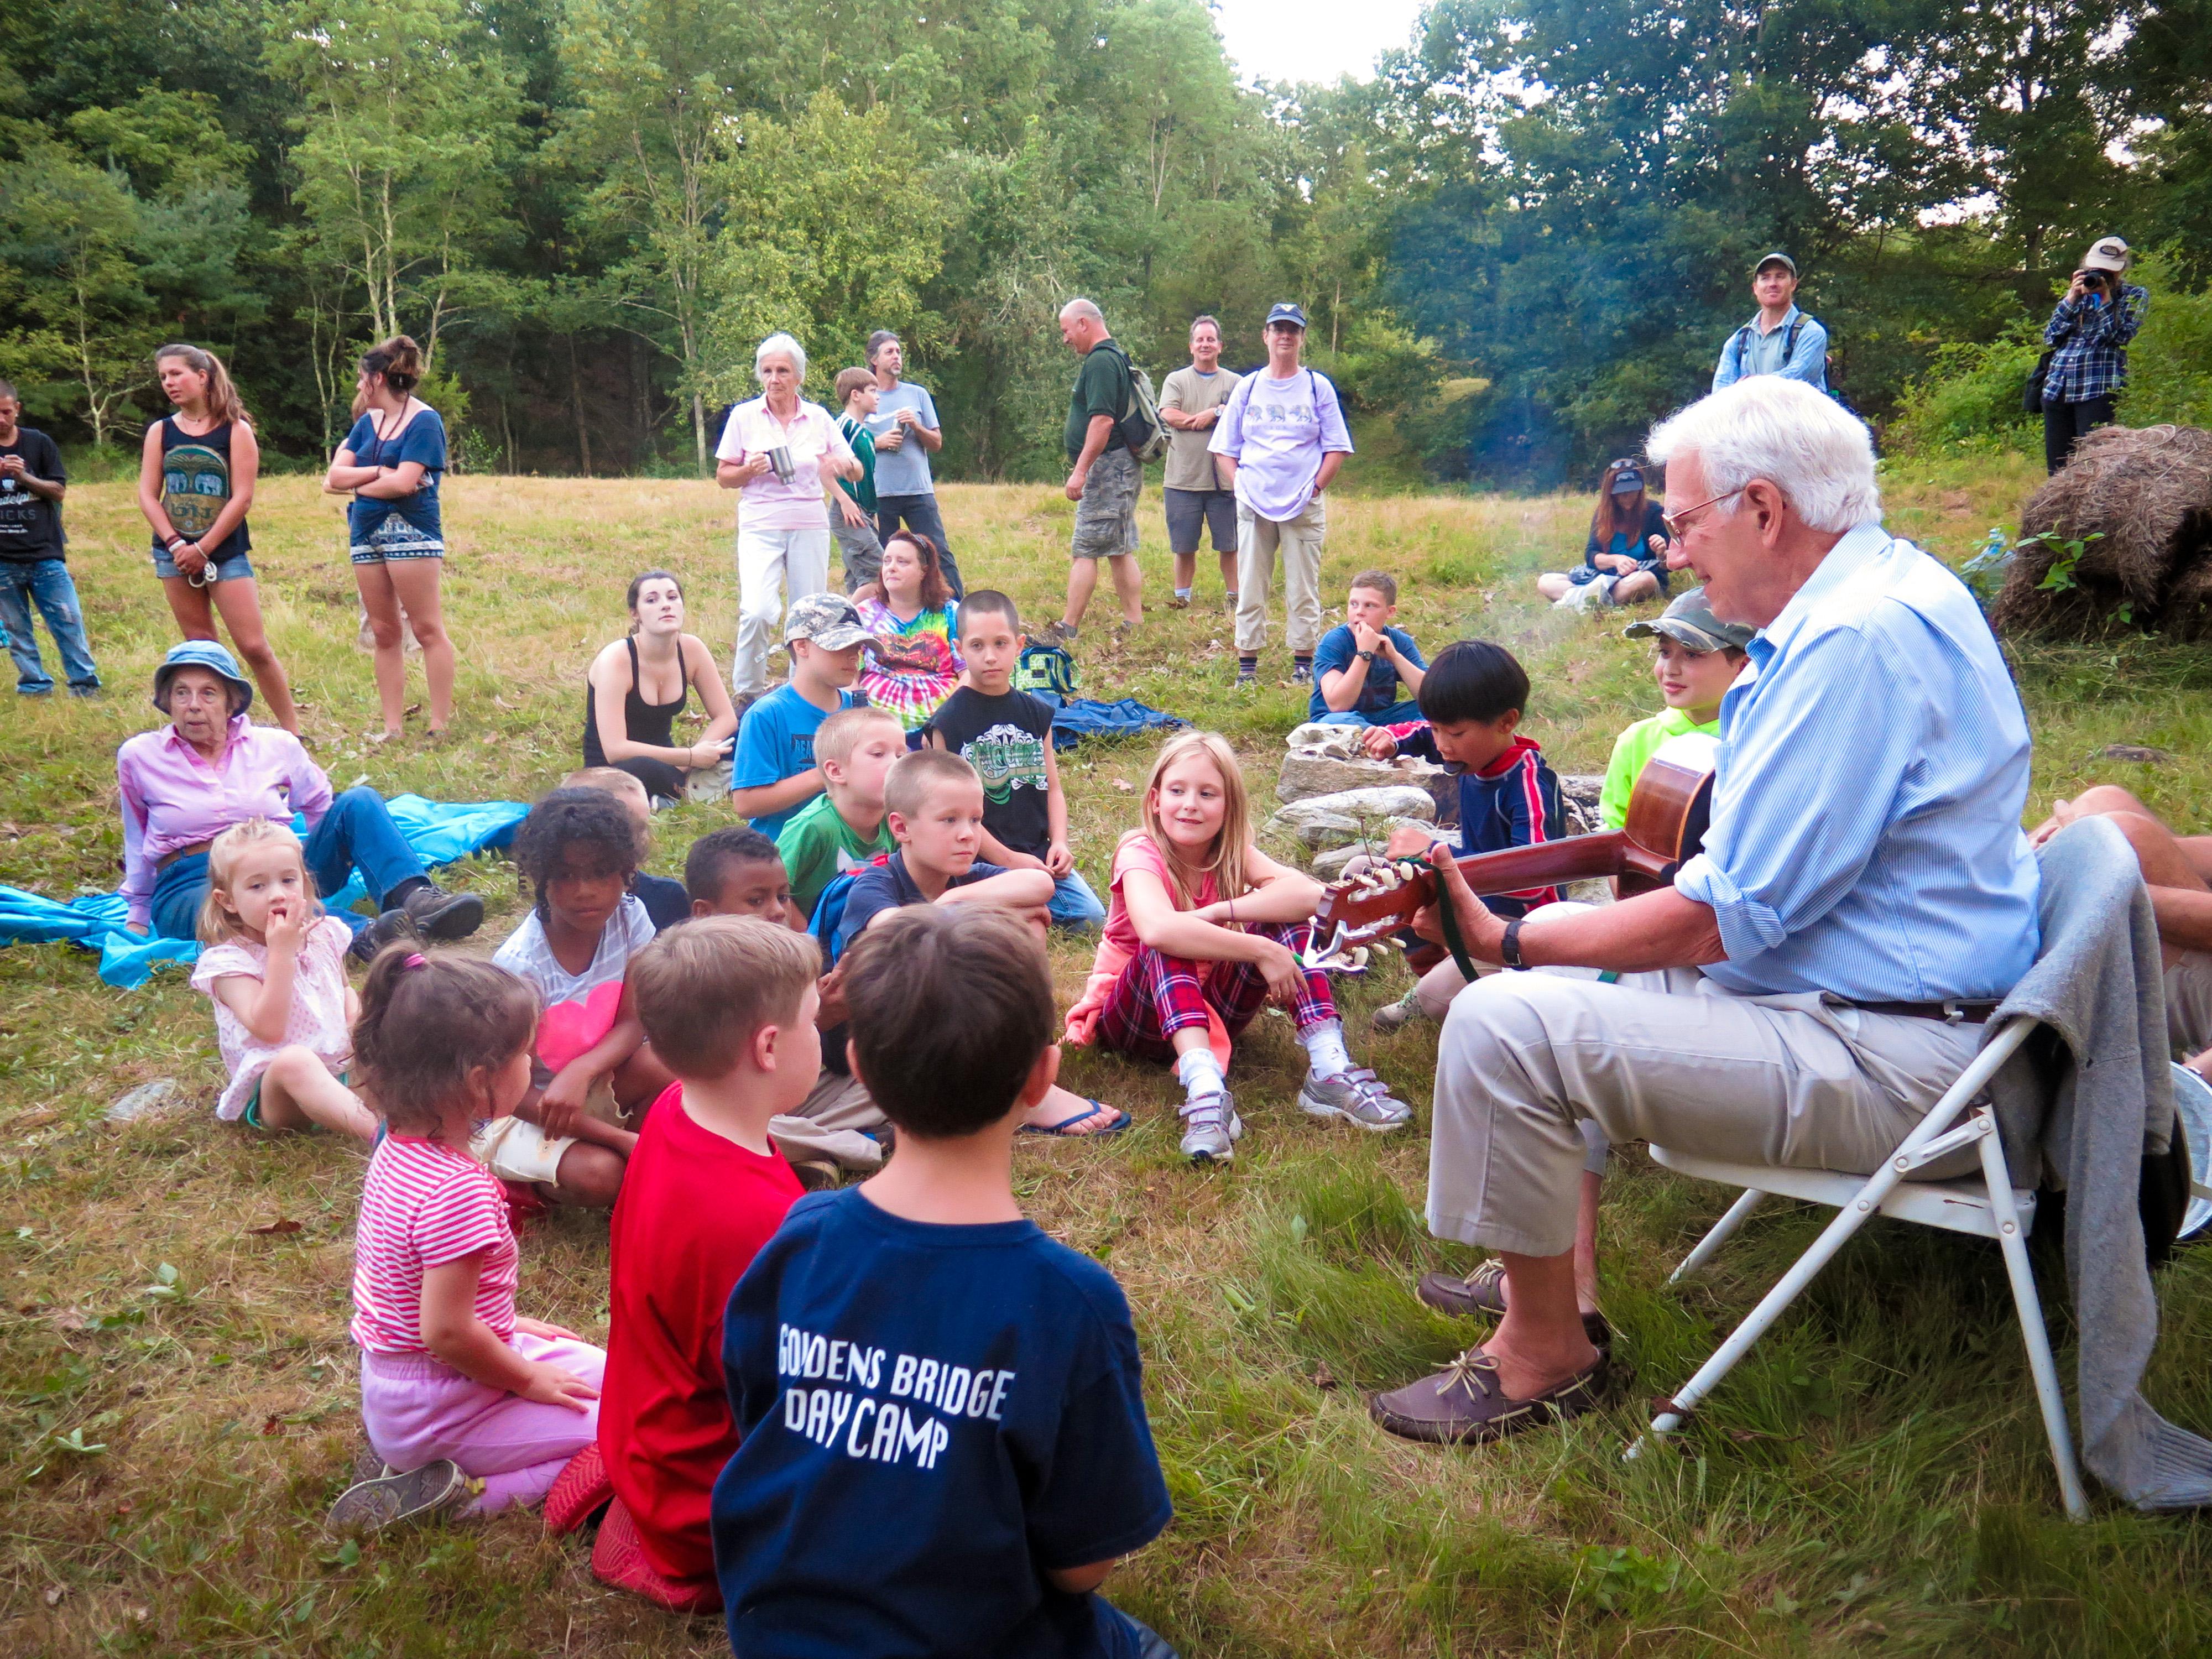 John Baker campfire concert